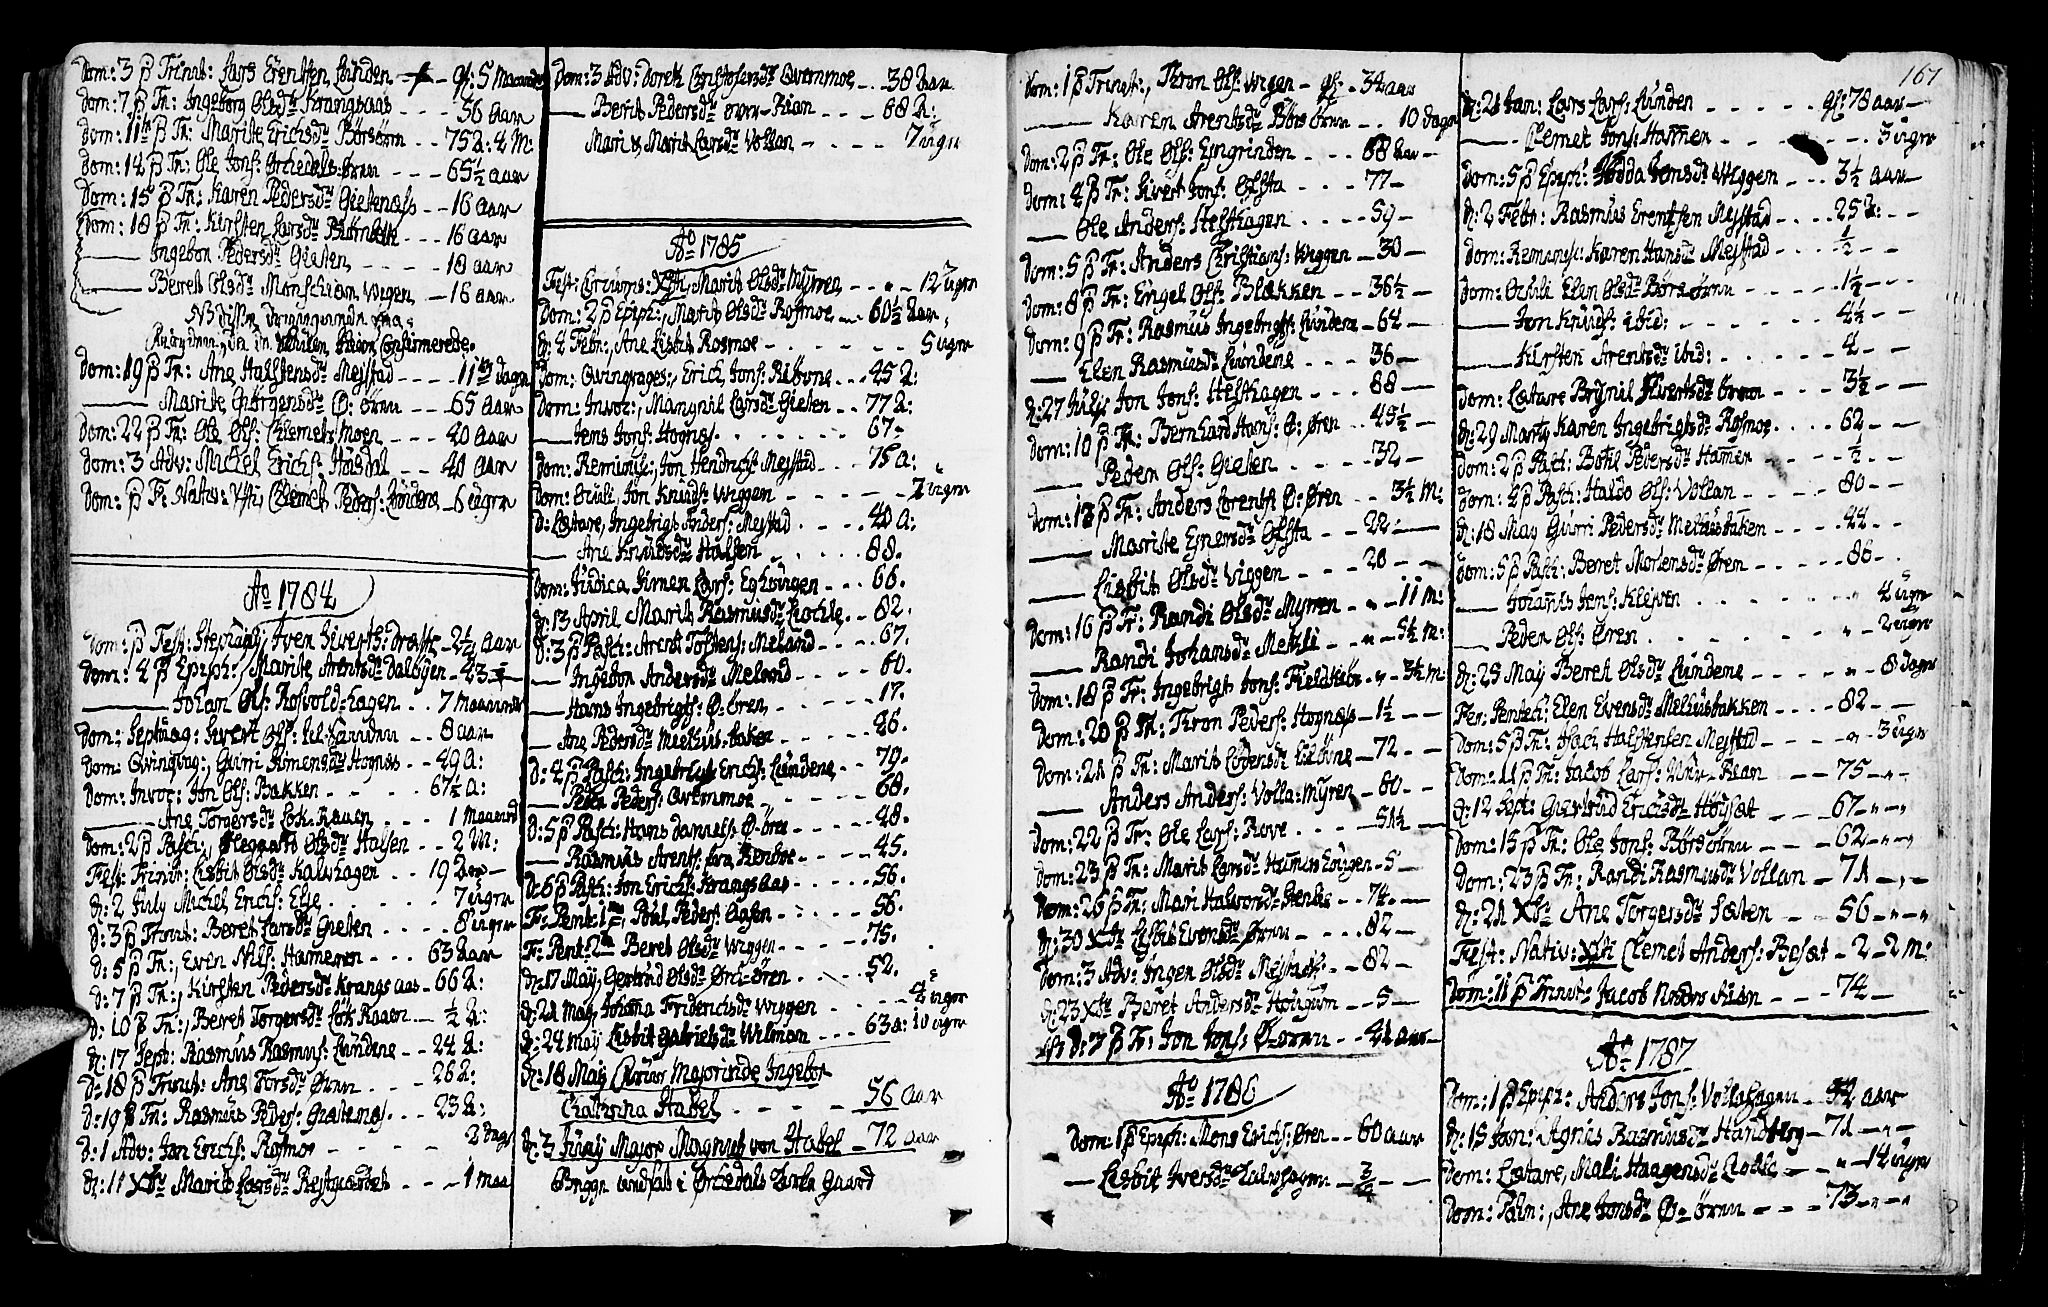 SAT, Ministerialprotokoller, klokkerbøker og fødselsregistre - Sør-Trøndelag, 665/L0768: Ministerialbok nr. 665A03, 1754-1803, s. 167